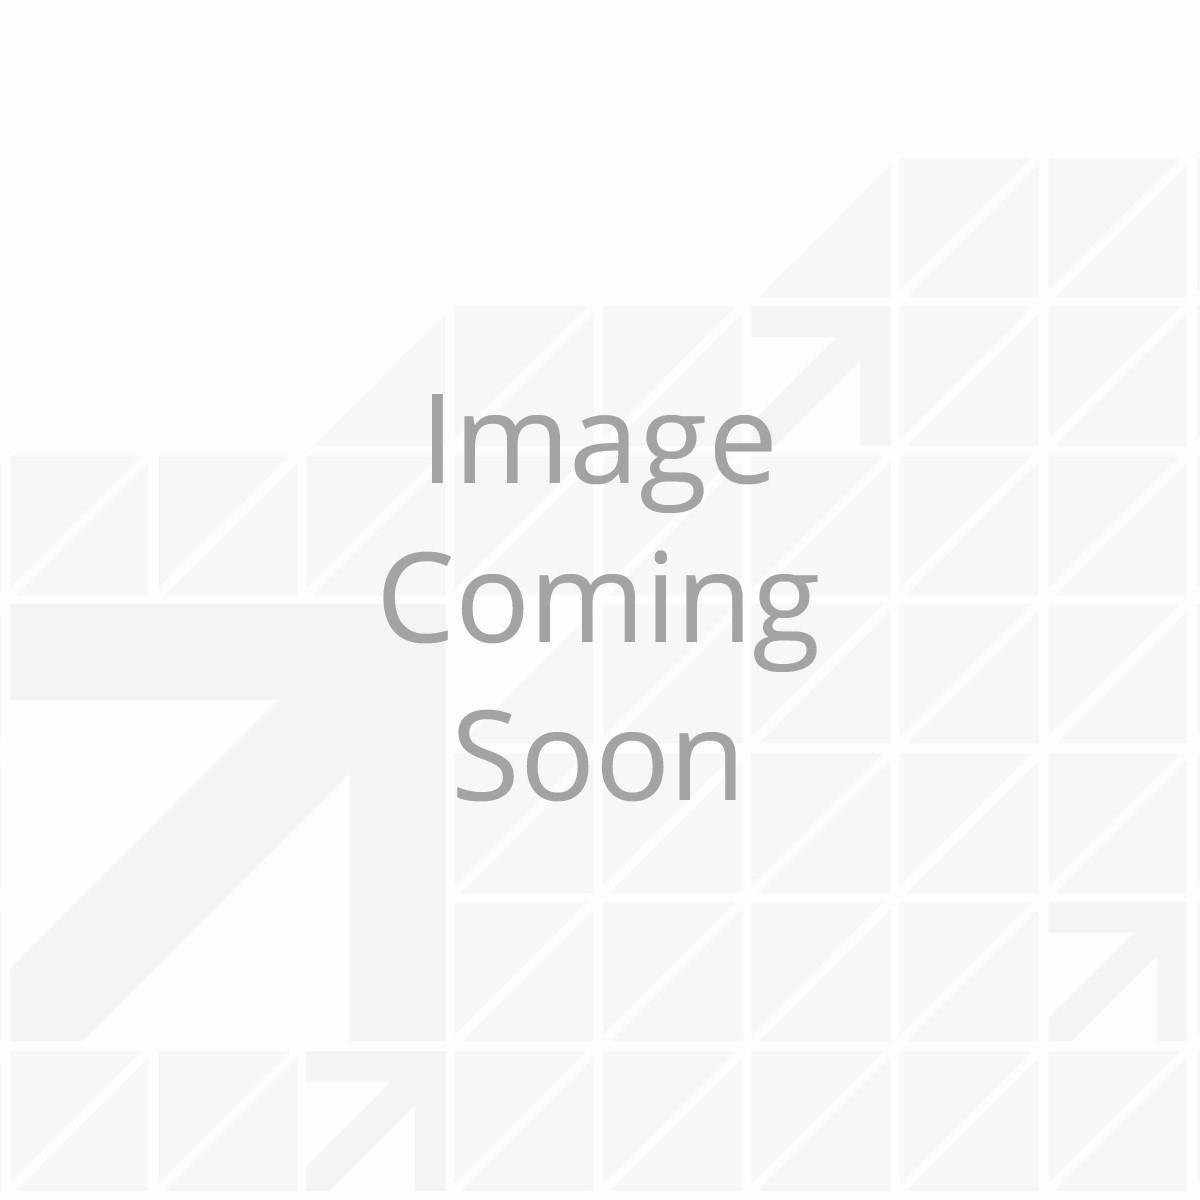 Awning Wall Vista Light Kit - Various Options